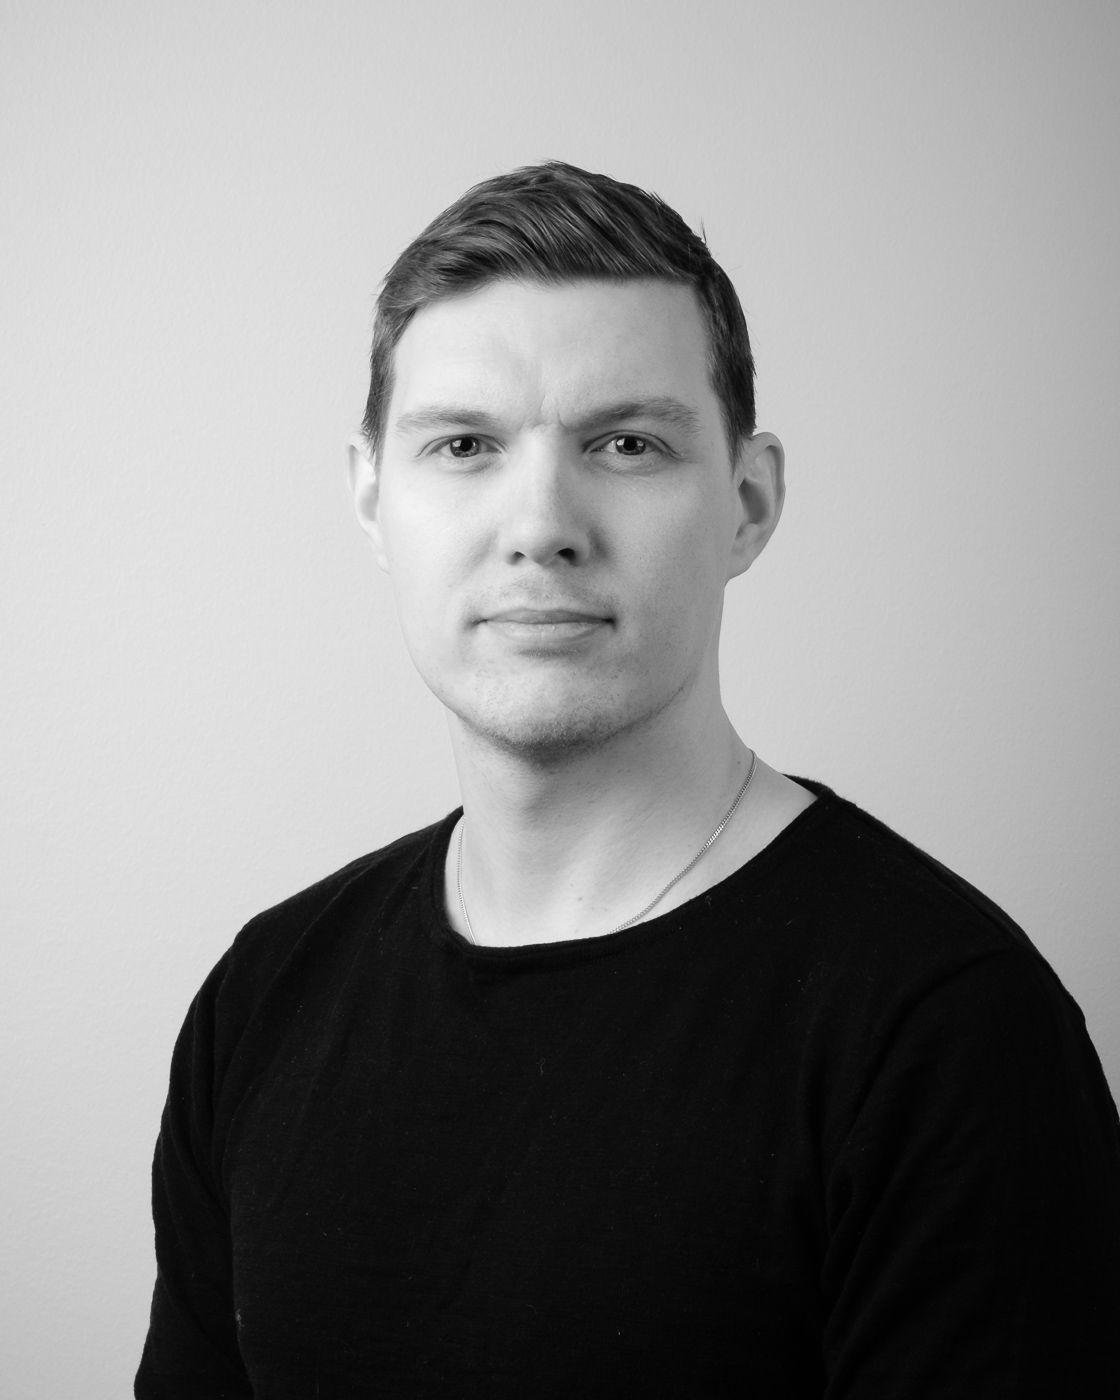 Sami-Matti Pesonen